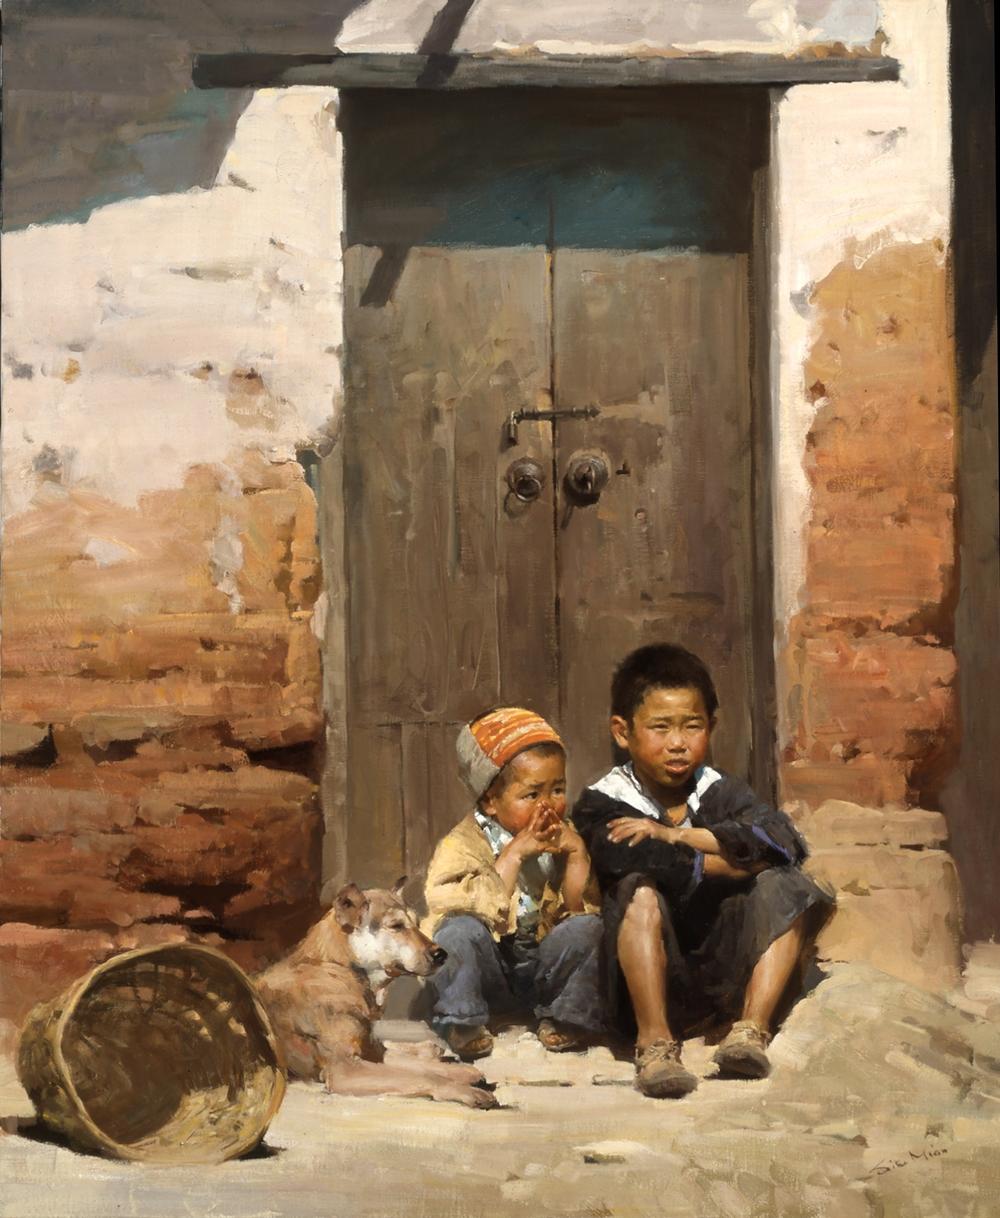 Mian Situ, USA. Waiting, Guangdong, China, 2000.